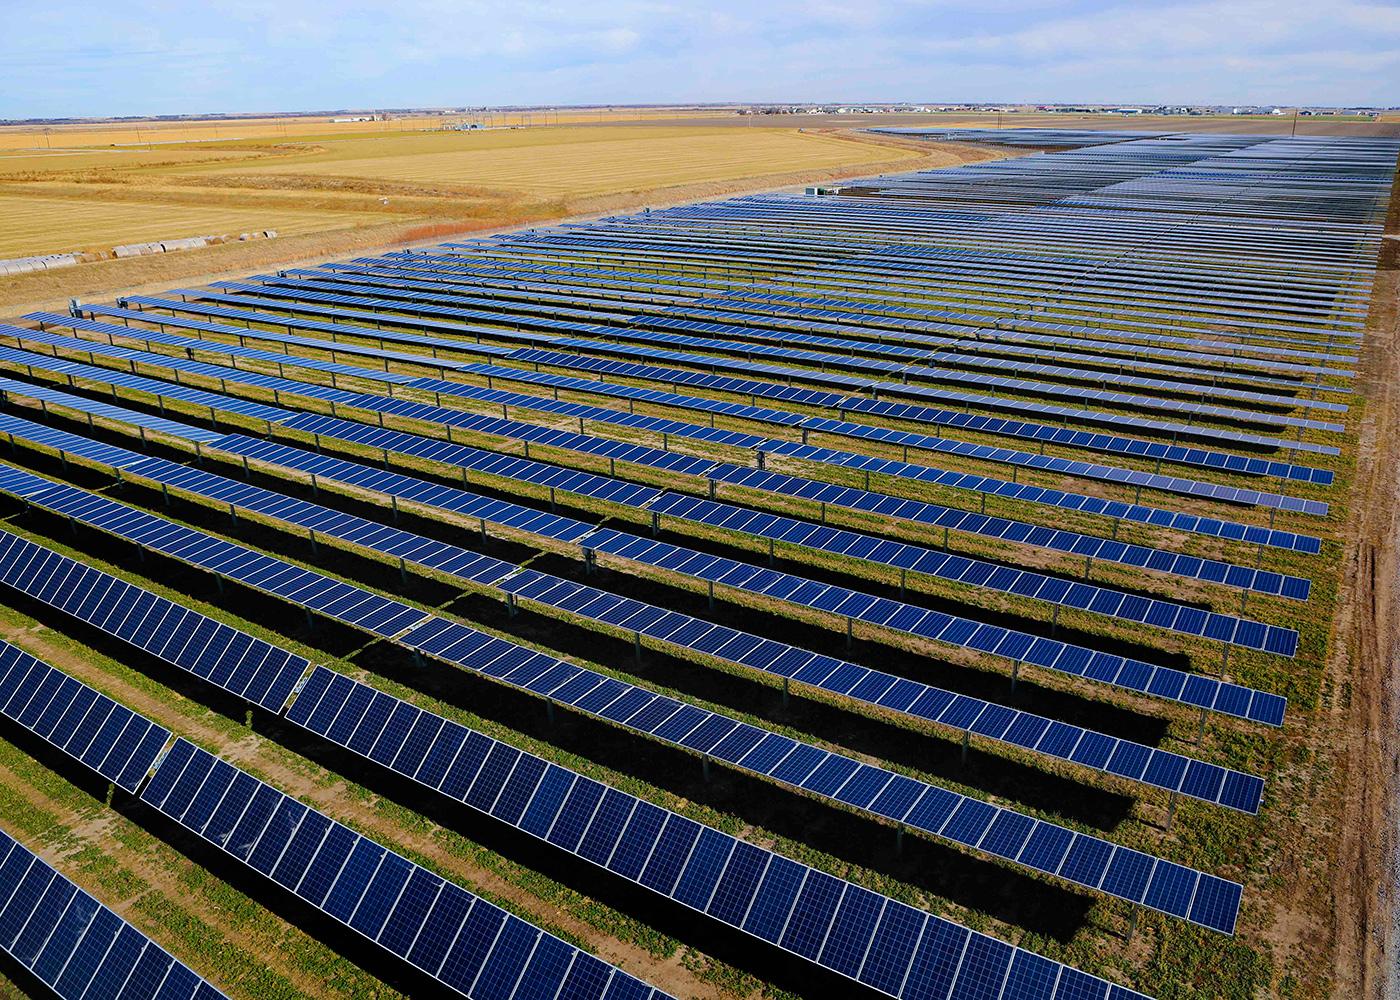 Kearney solar facility